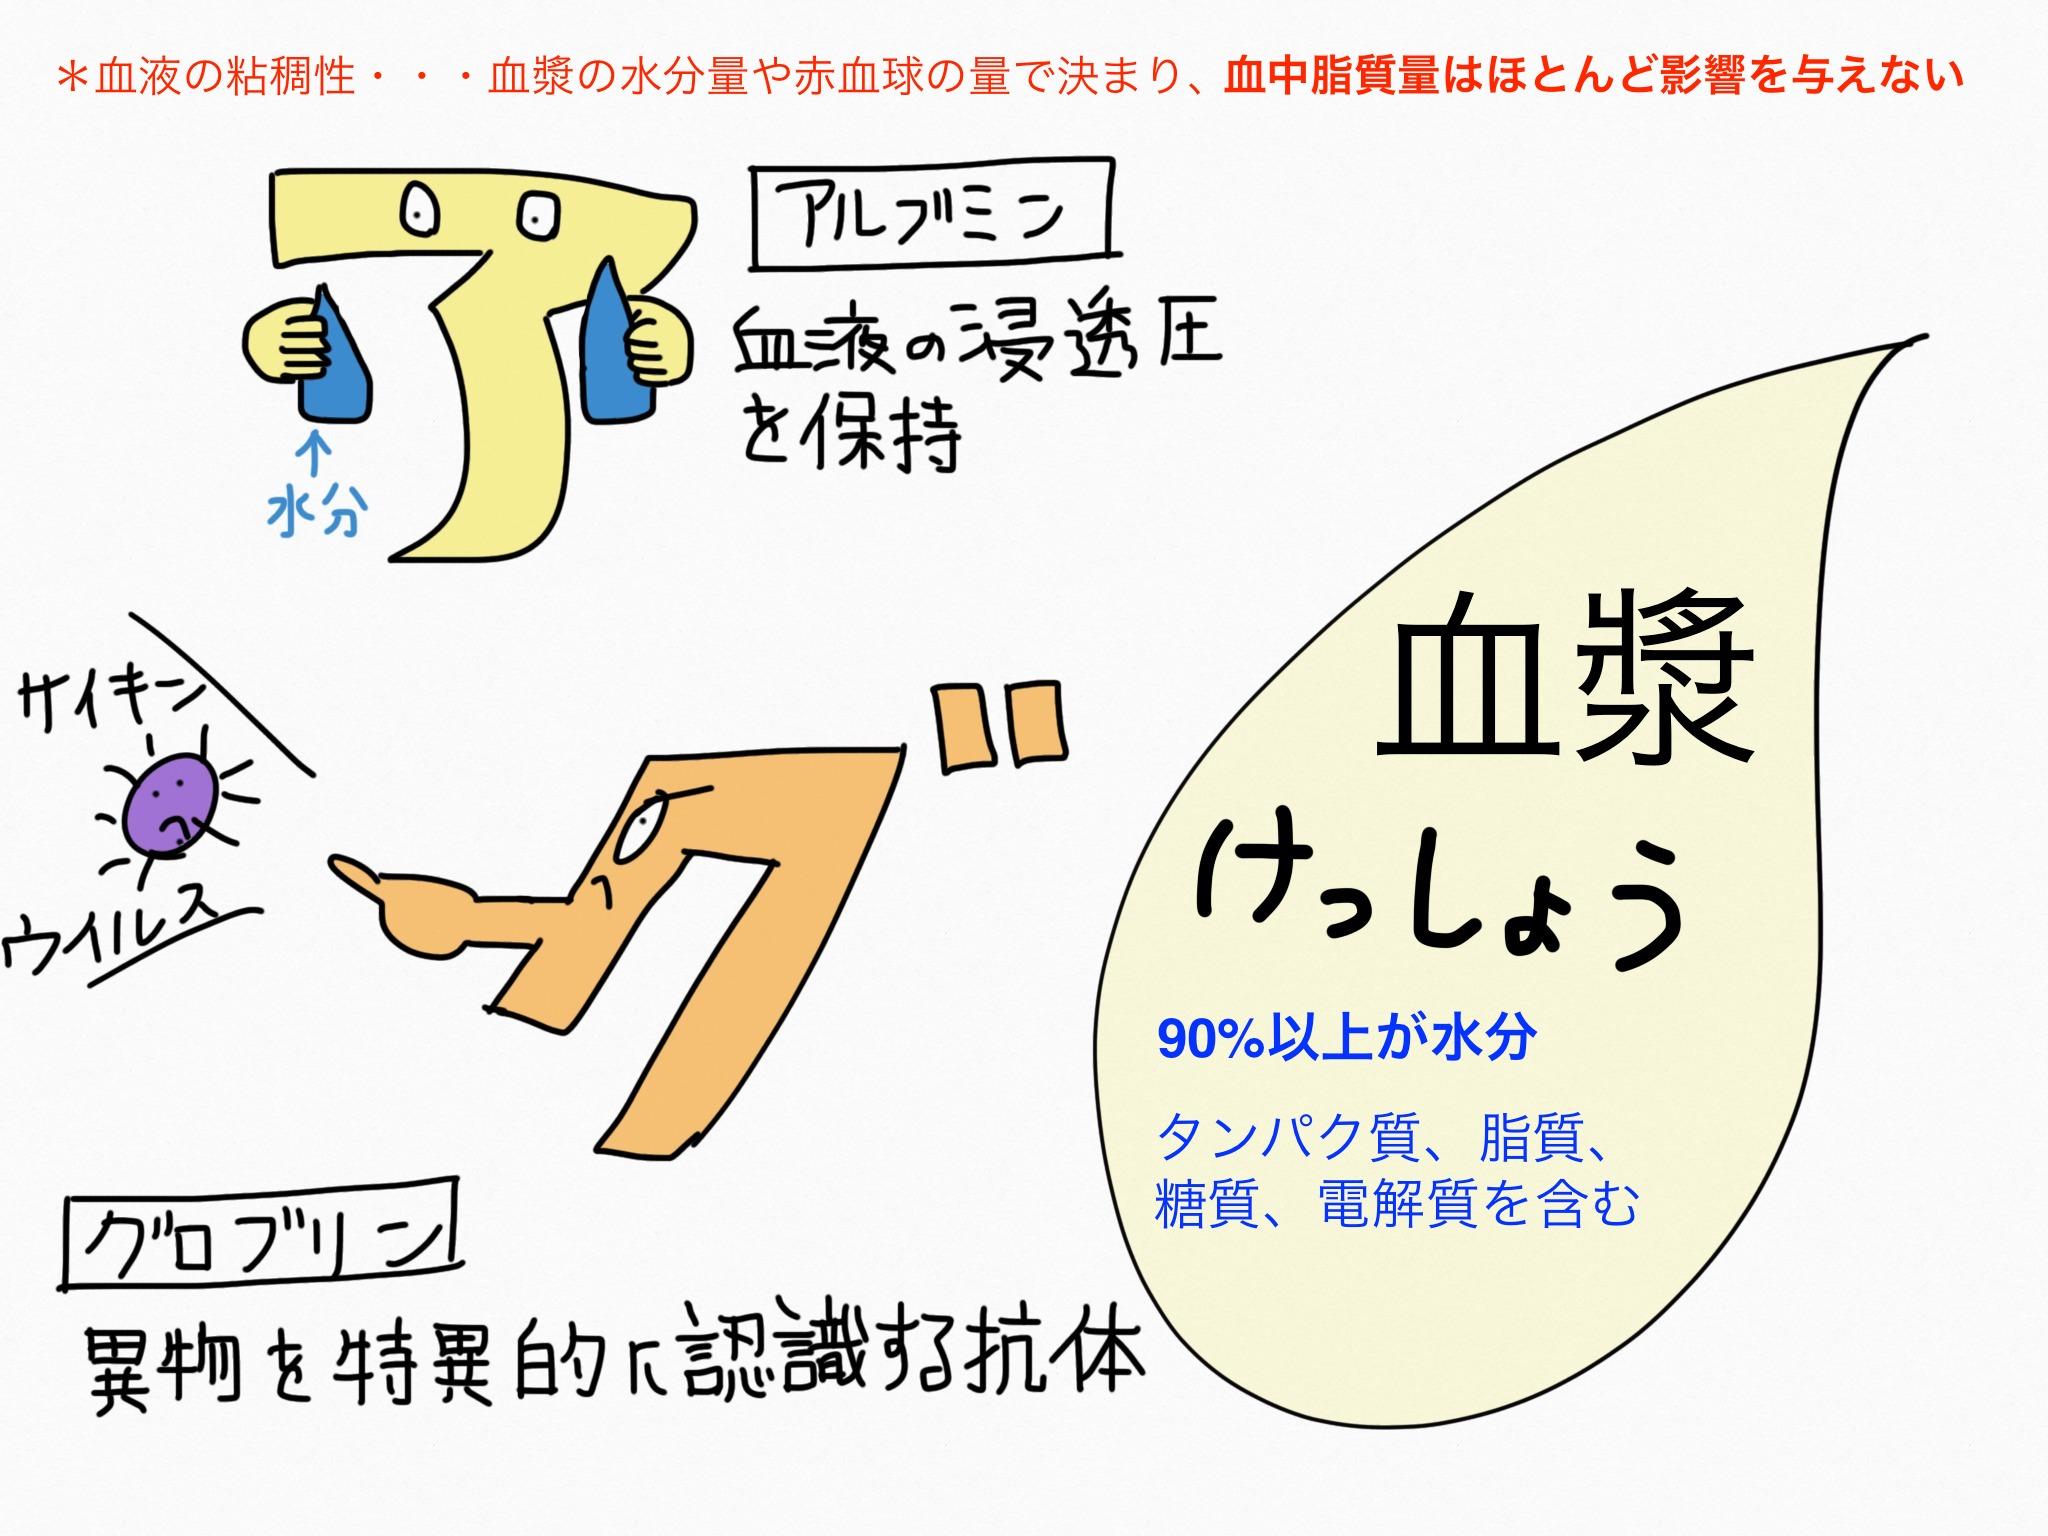 循環器系/血液、血漿【第2章の覚え方】